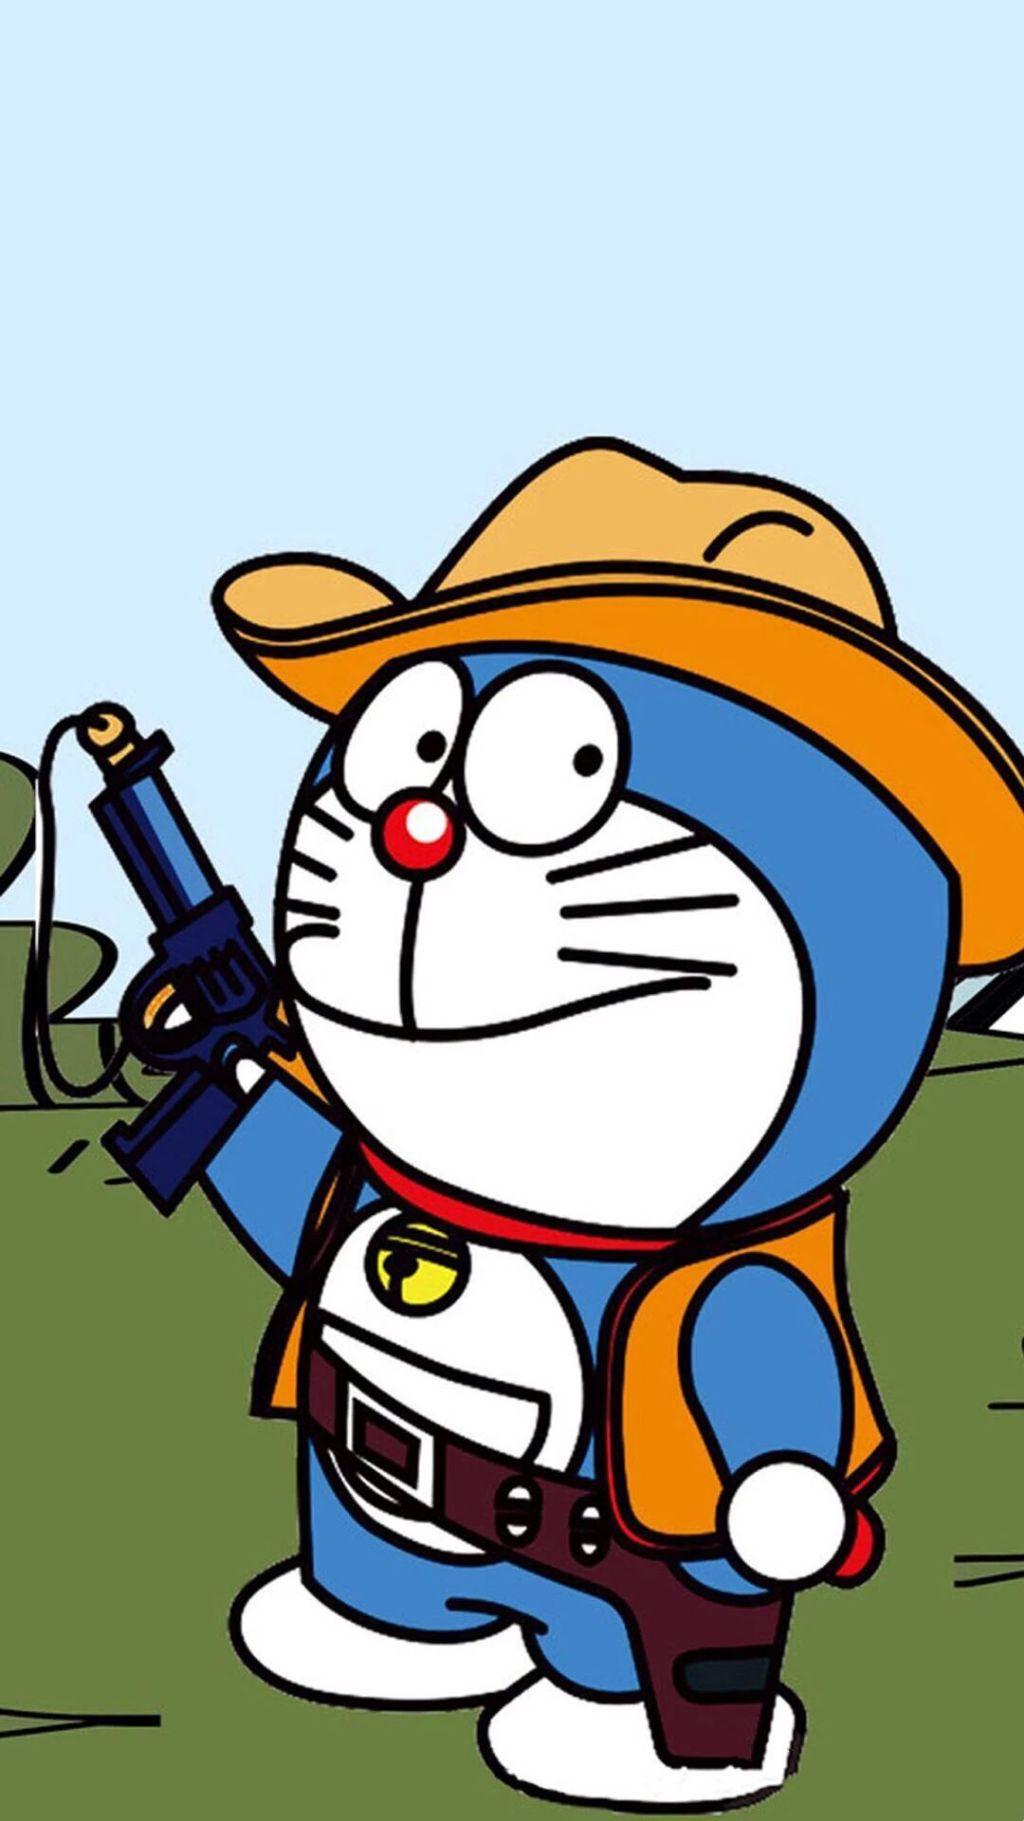 哆啦A梦壁纸:可爱哆啦A梦蓝胖子手机壁纸插图37